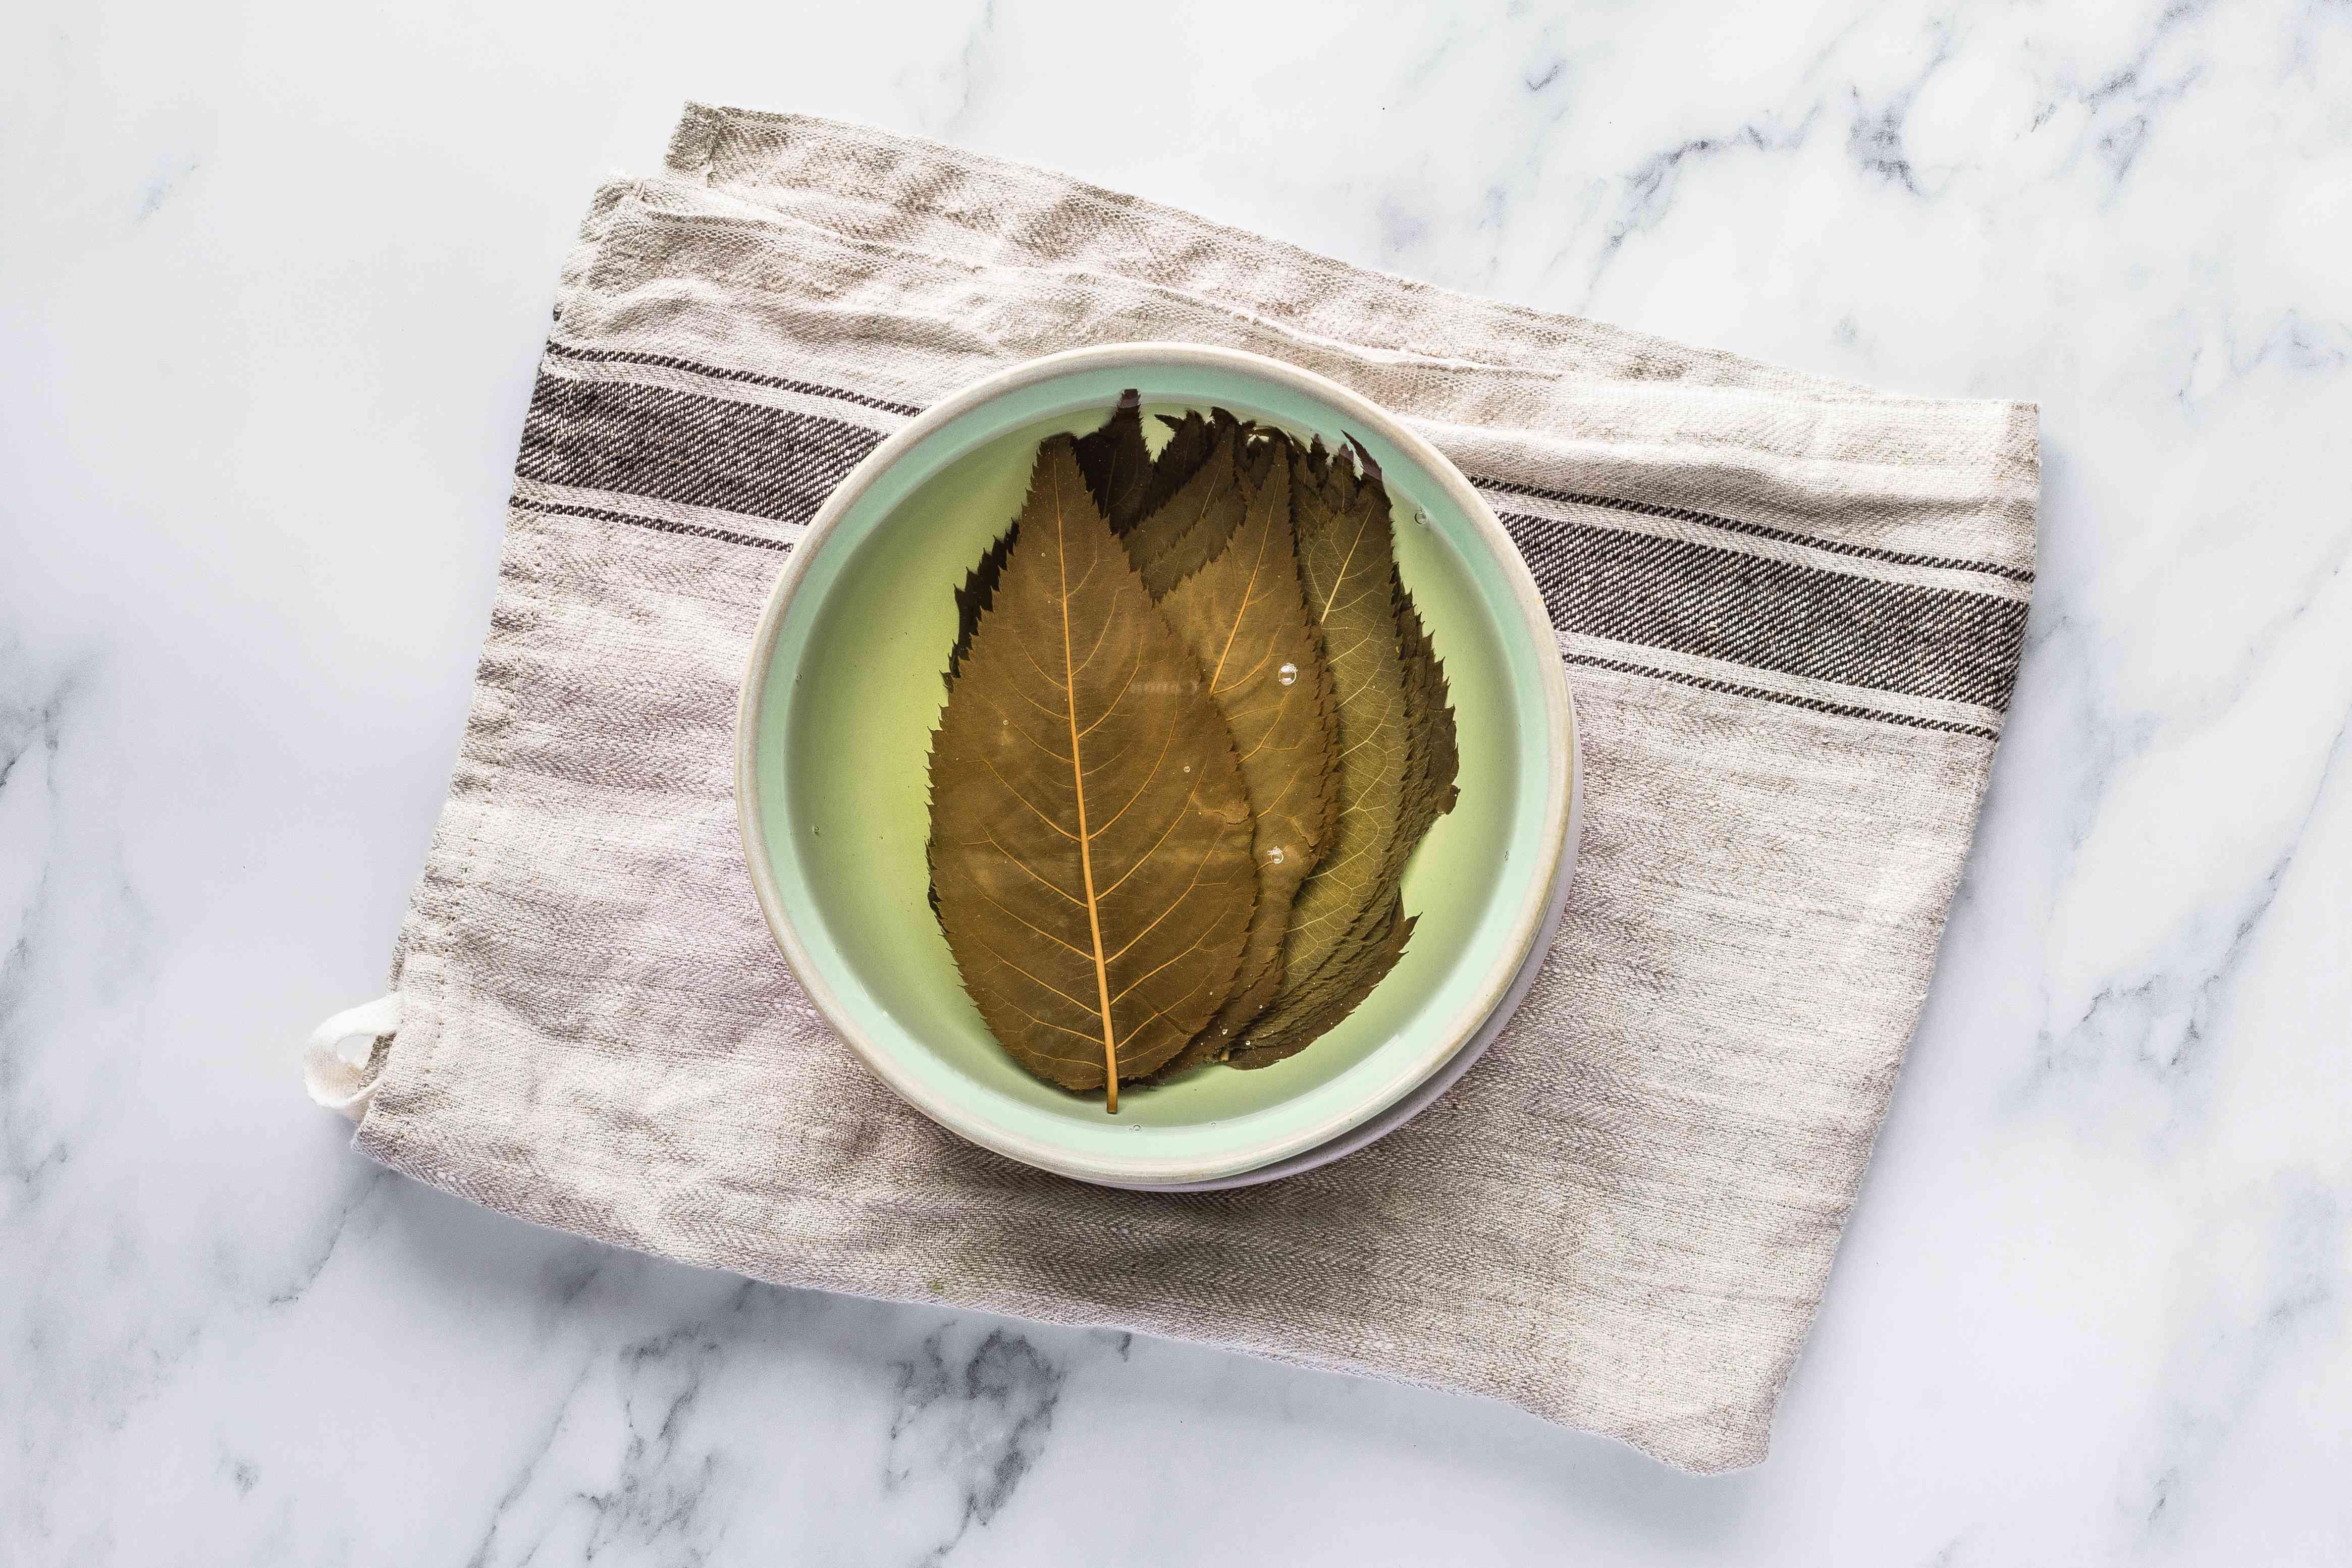 Soak sakura leaves